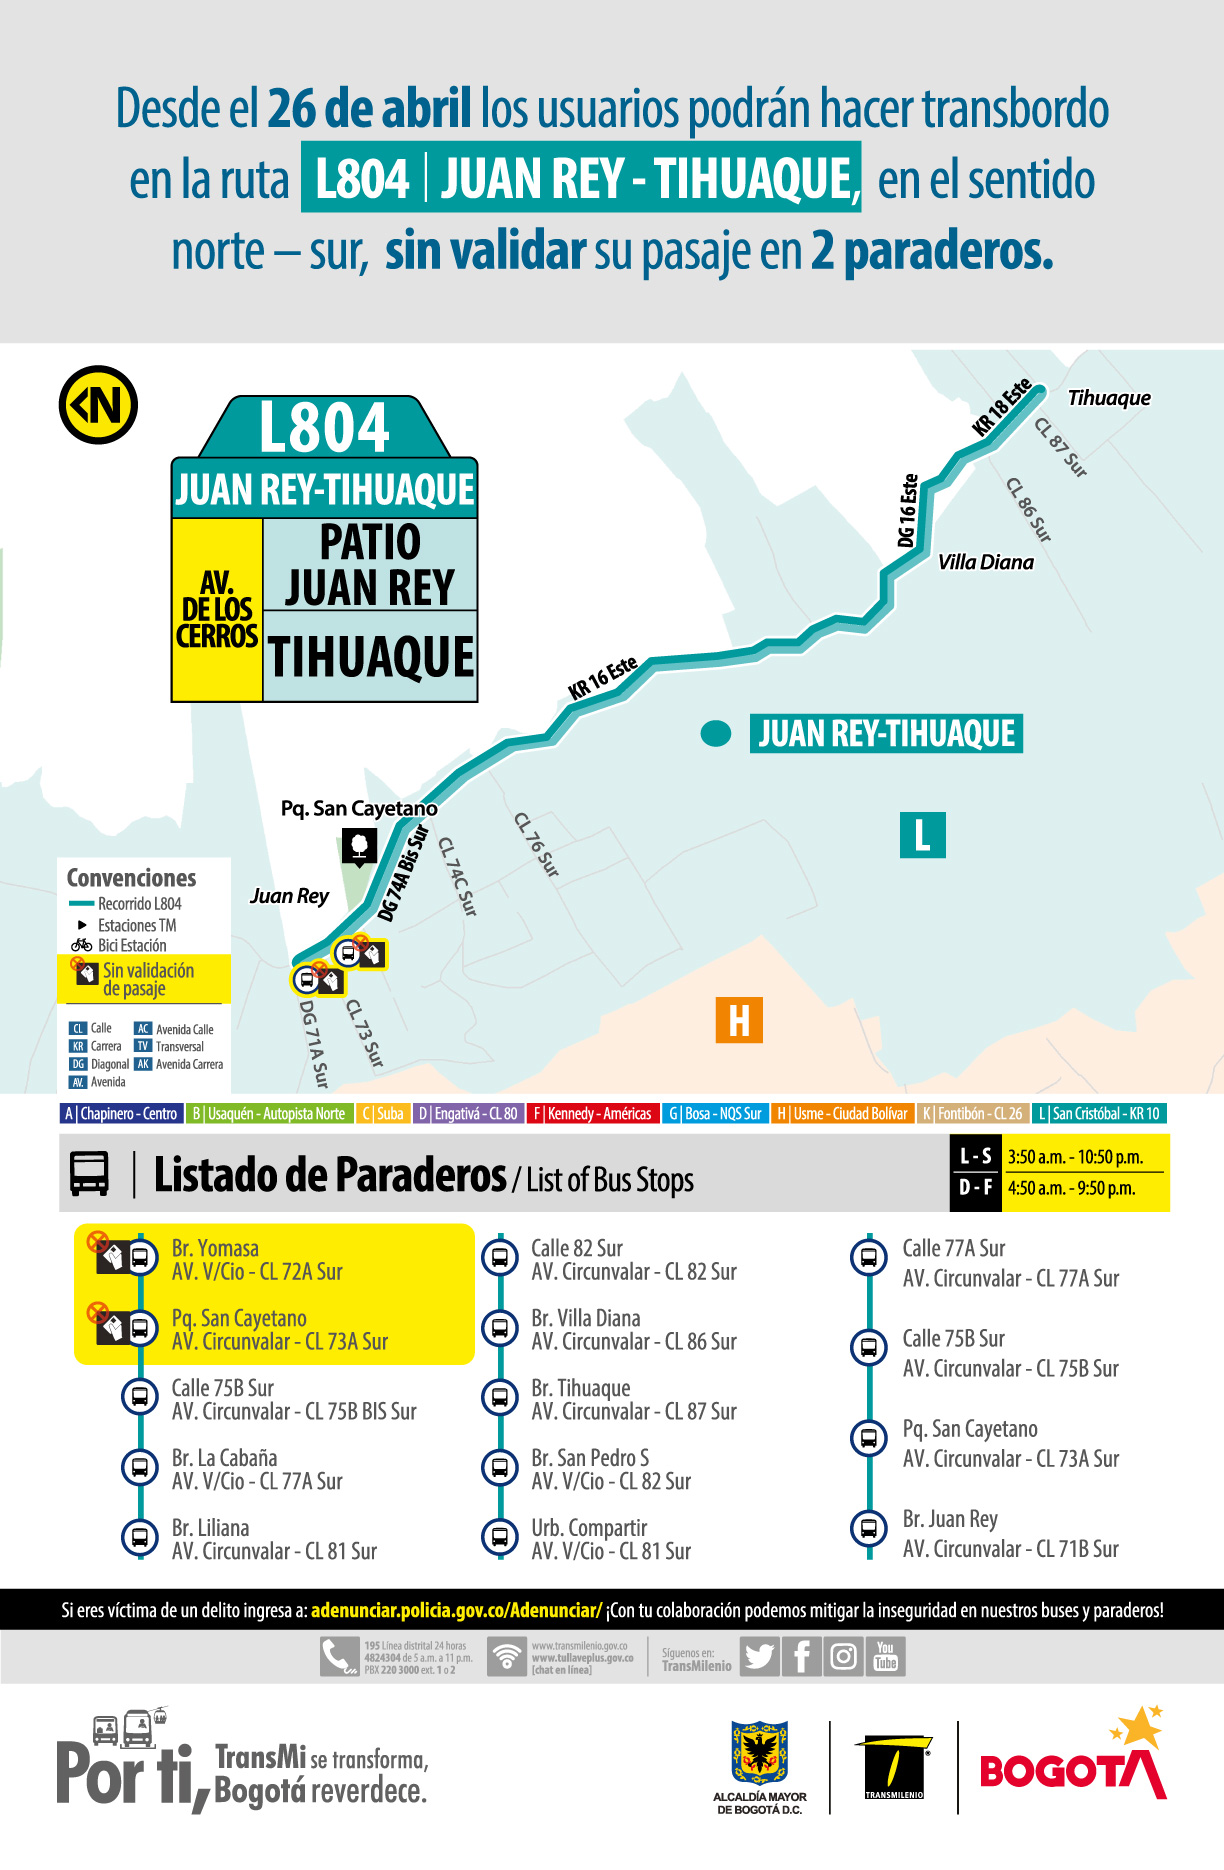 Desde el 26 de abril los usuarios podrán hacer transbordo en la ruta especial L804 Juan Rey - Tihuaque en le sentido norte - sur